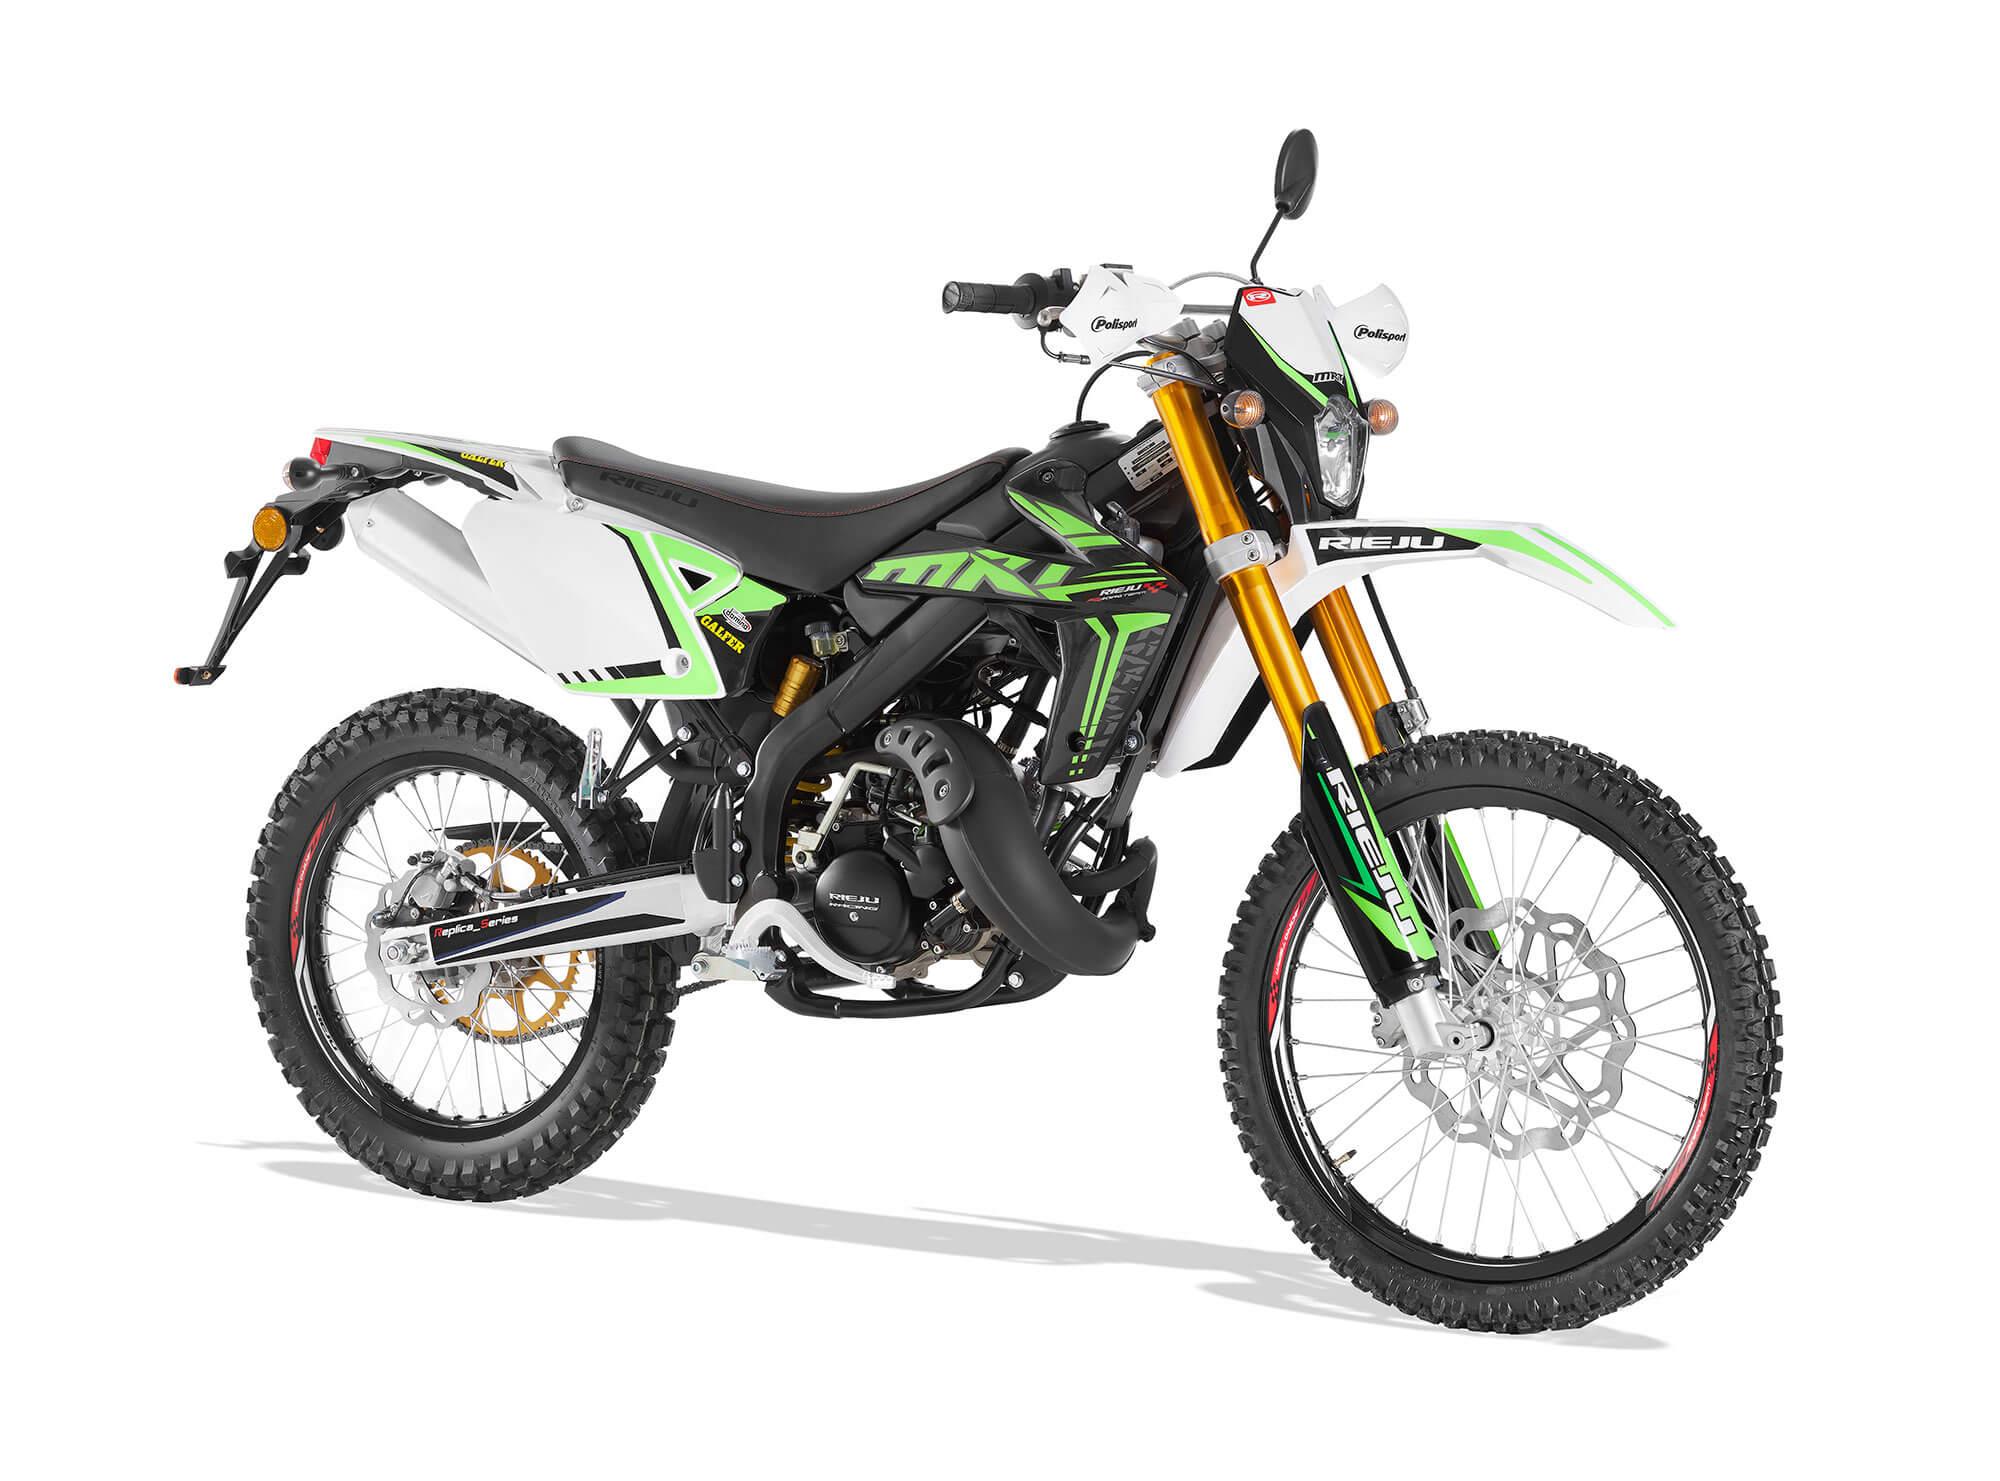 comprar-motos-rieju-mrt-pro-verde-motissimo-barcelona